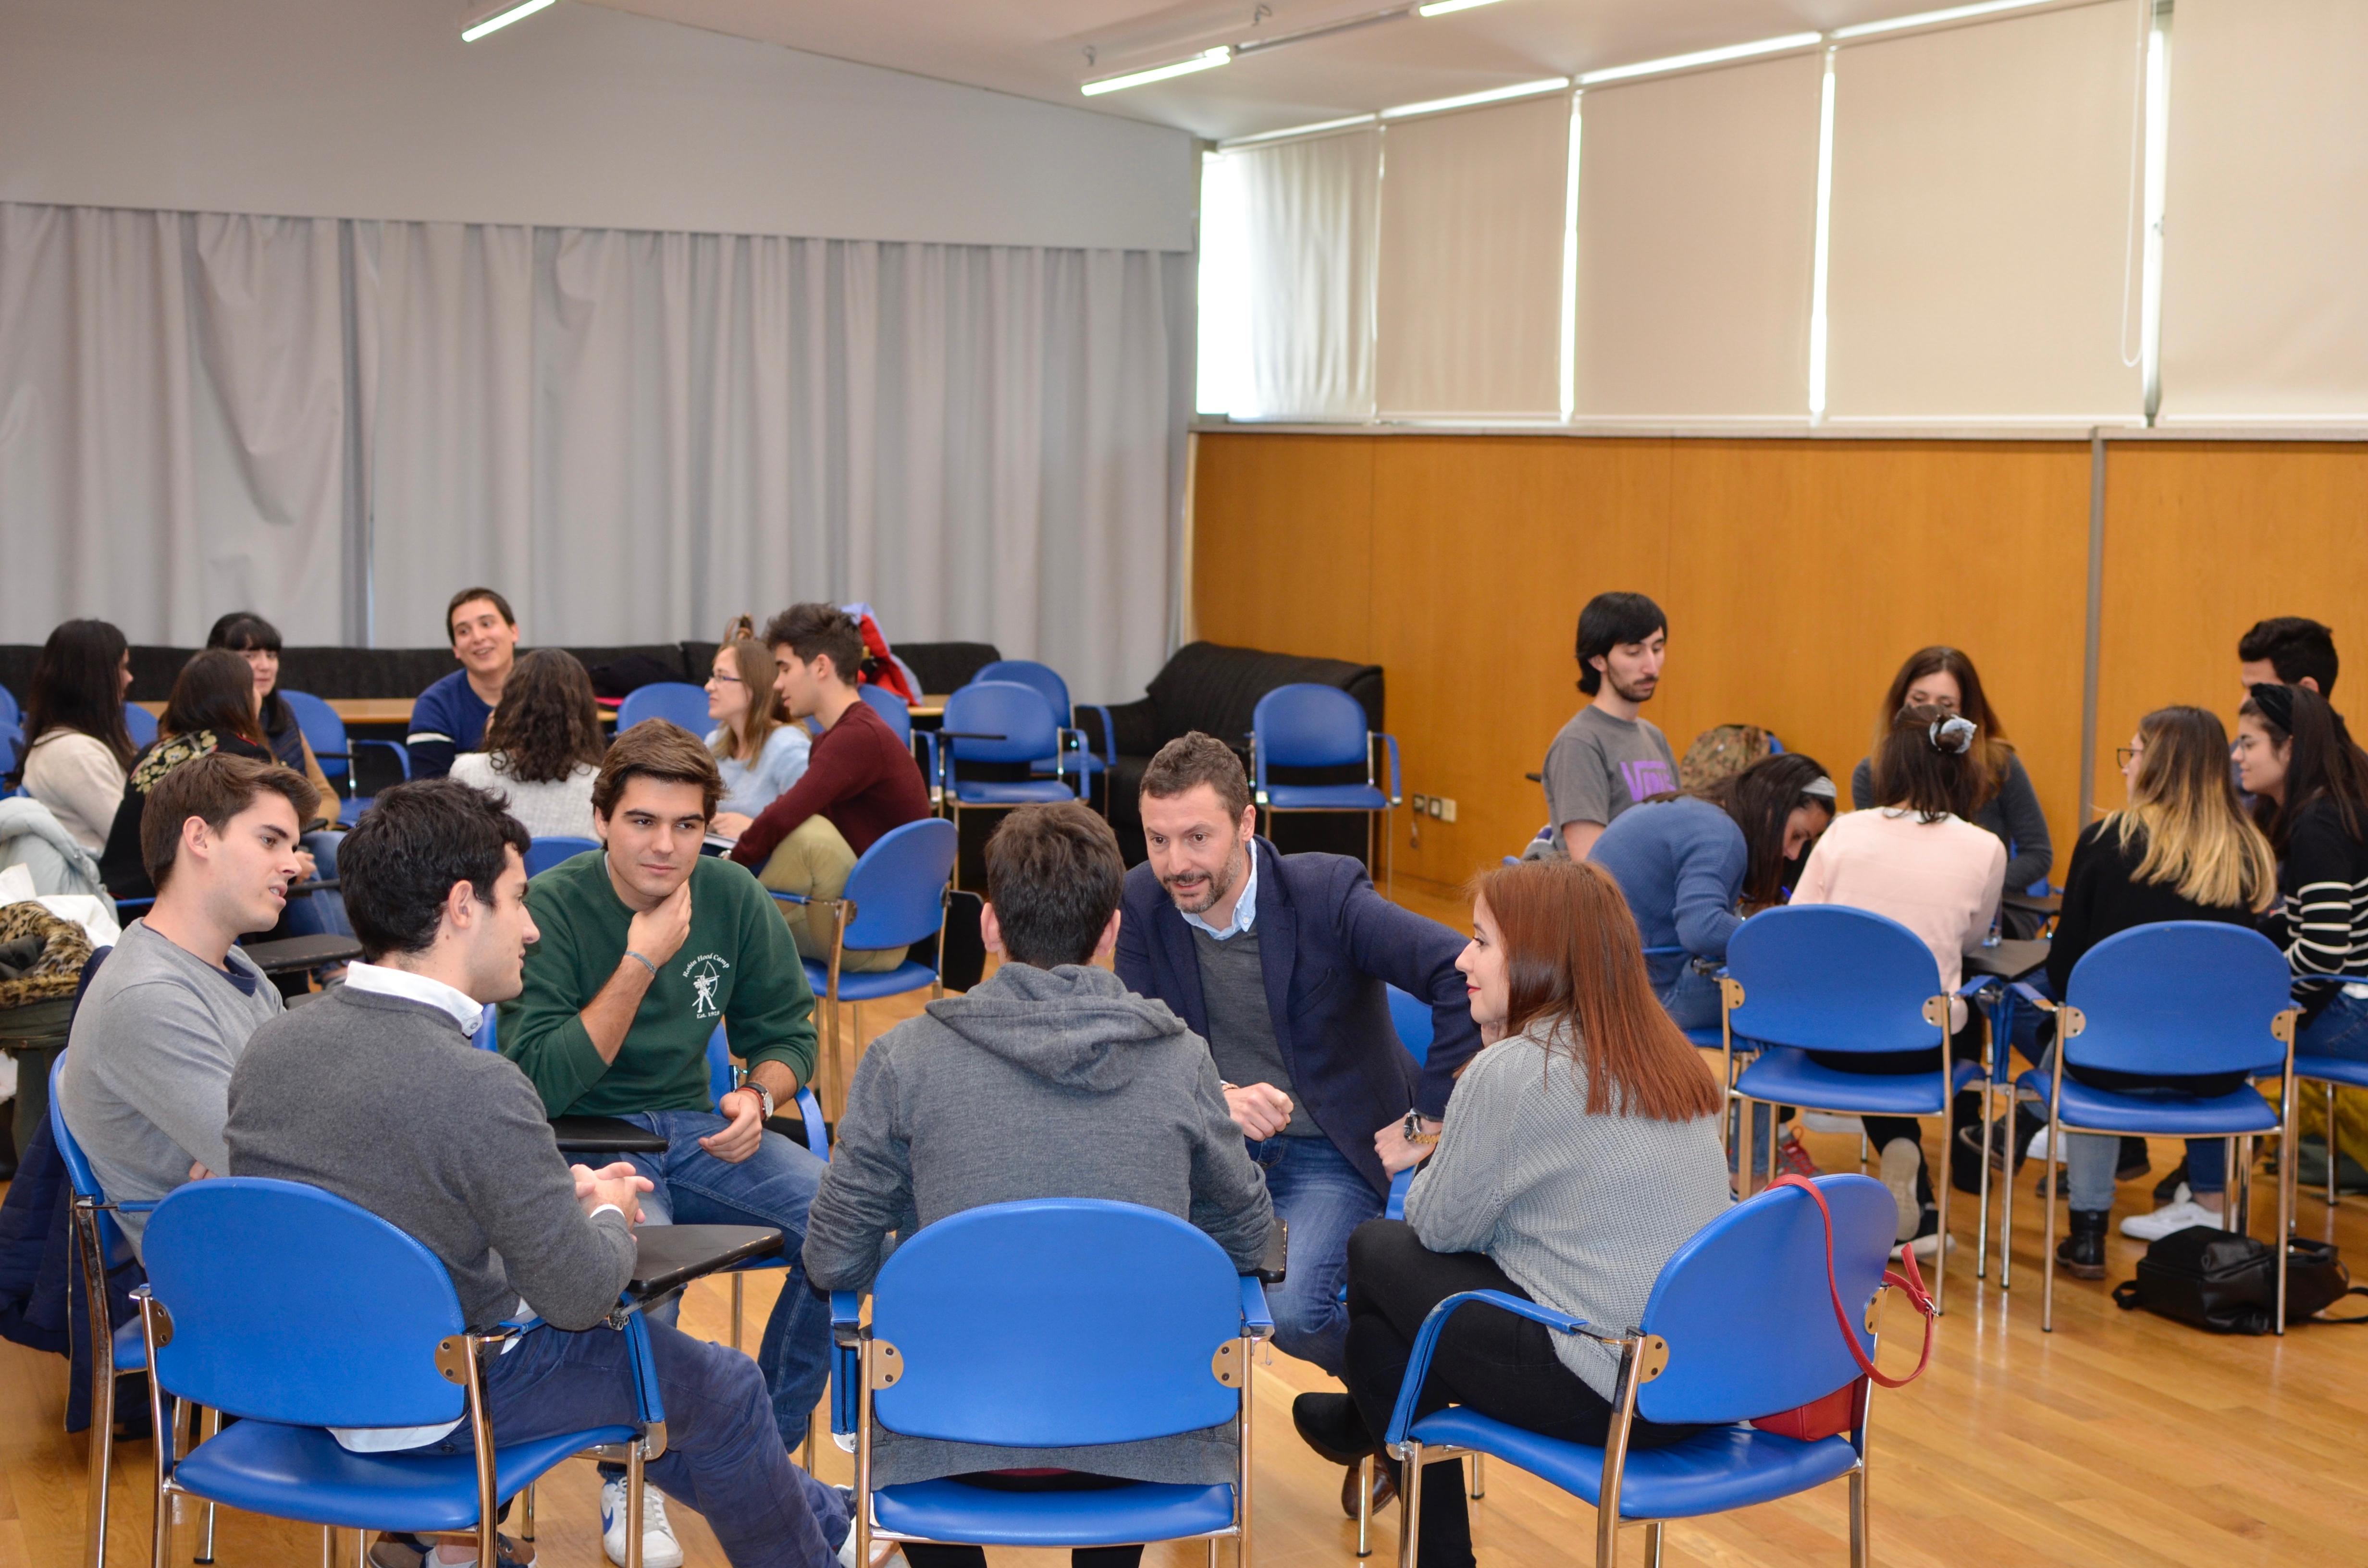 Comienzan Los Cursos Del Programa De Competencias Diseñados Por La Fundación Mentor